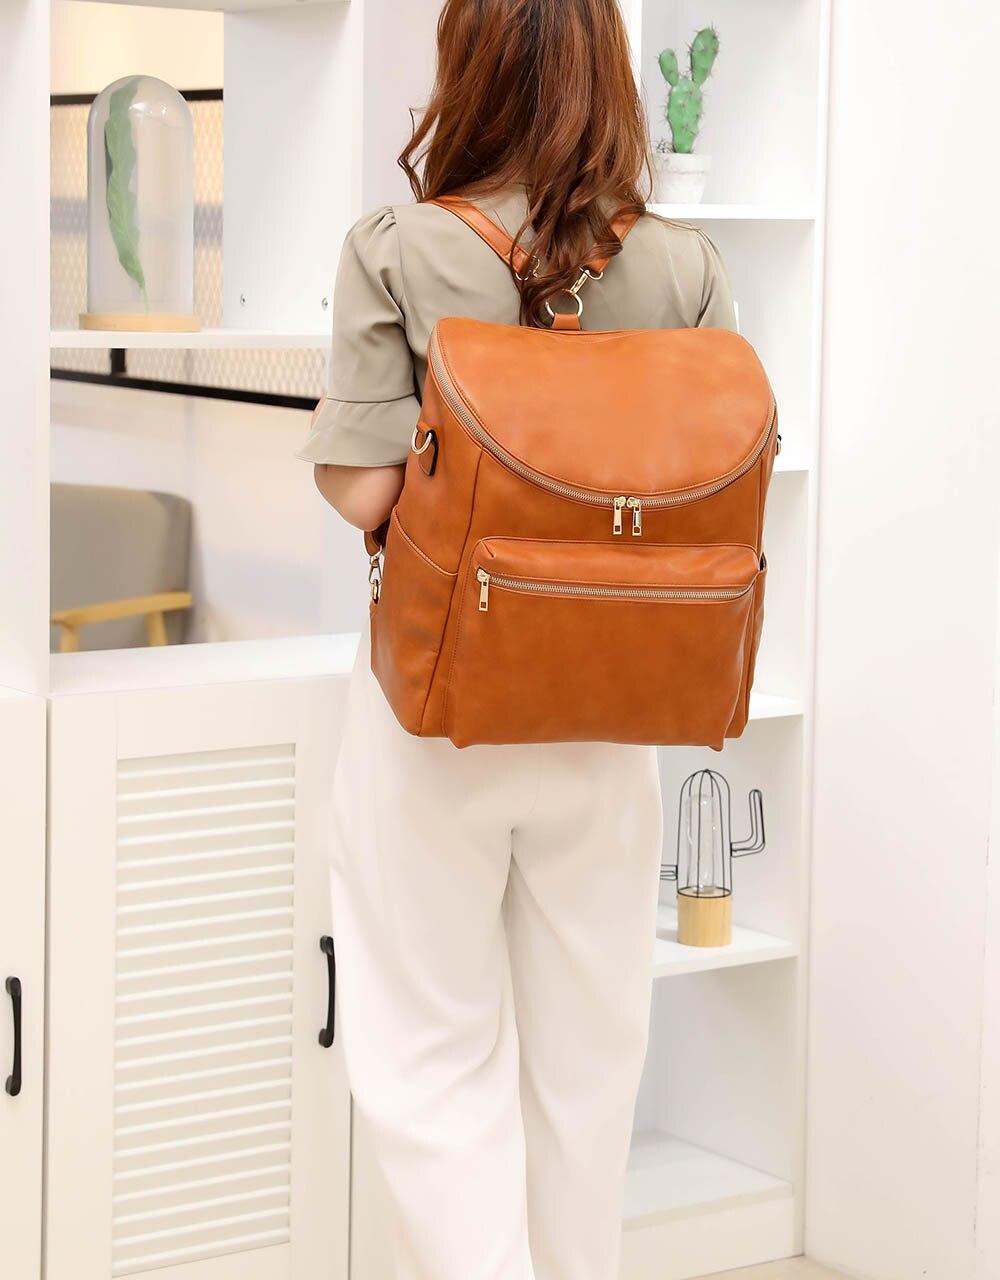 de bebê, mochila de viagem, bolsas de